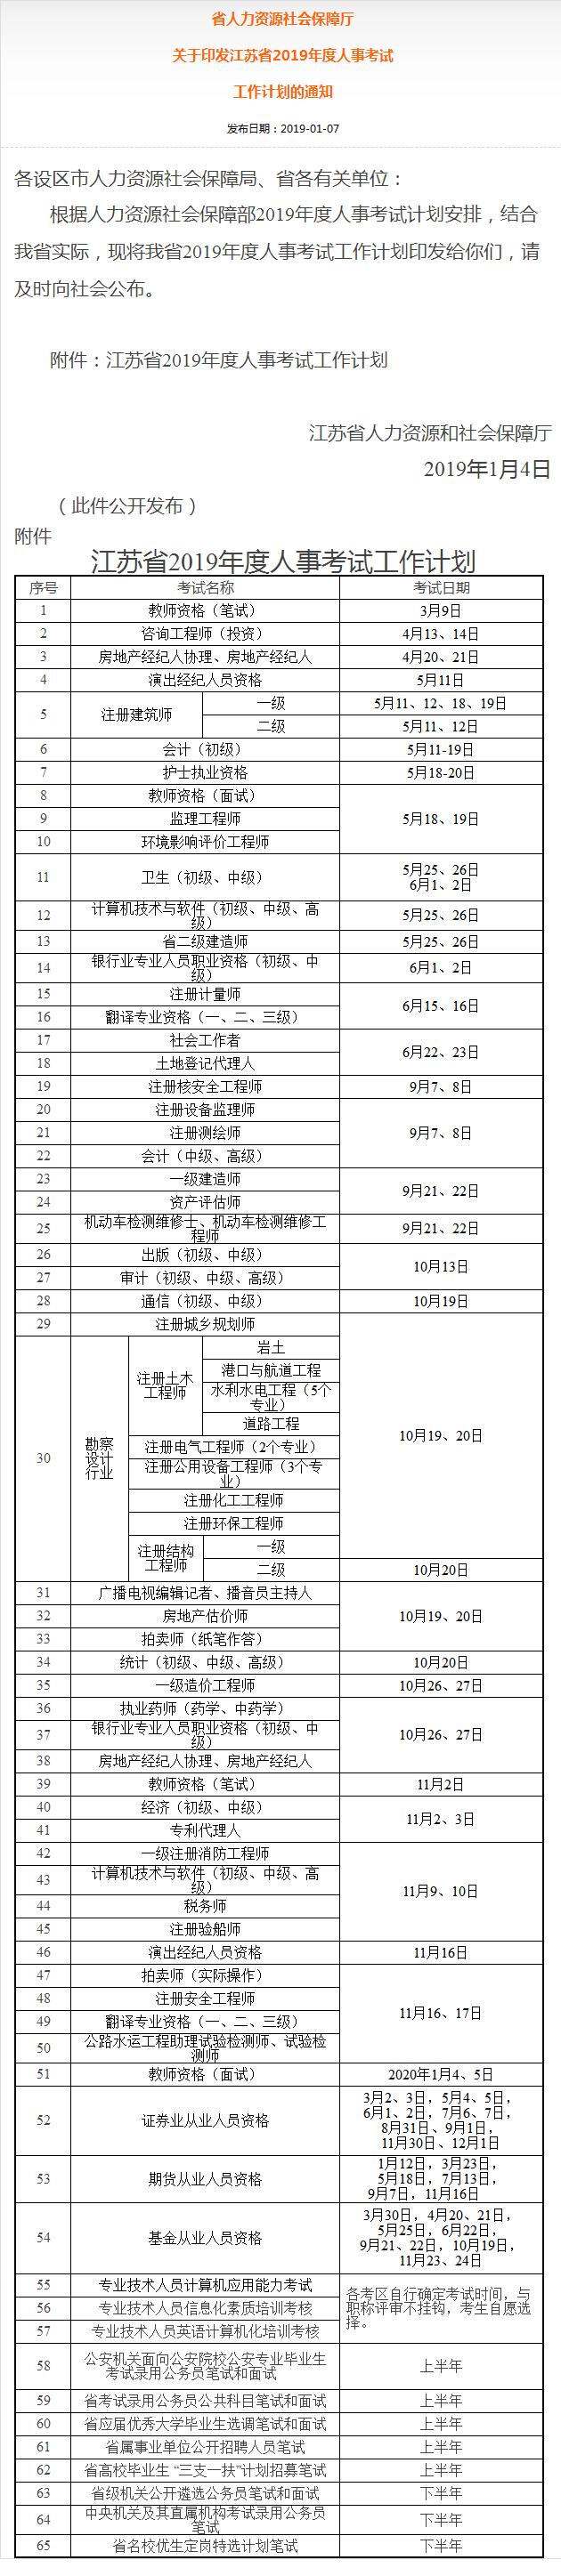 转:省人力资源社会保障厅《关于印发江苏省2019年度人事考试工作计划的通知》